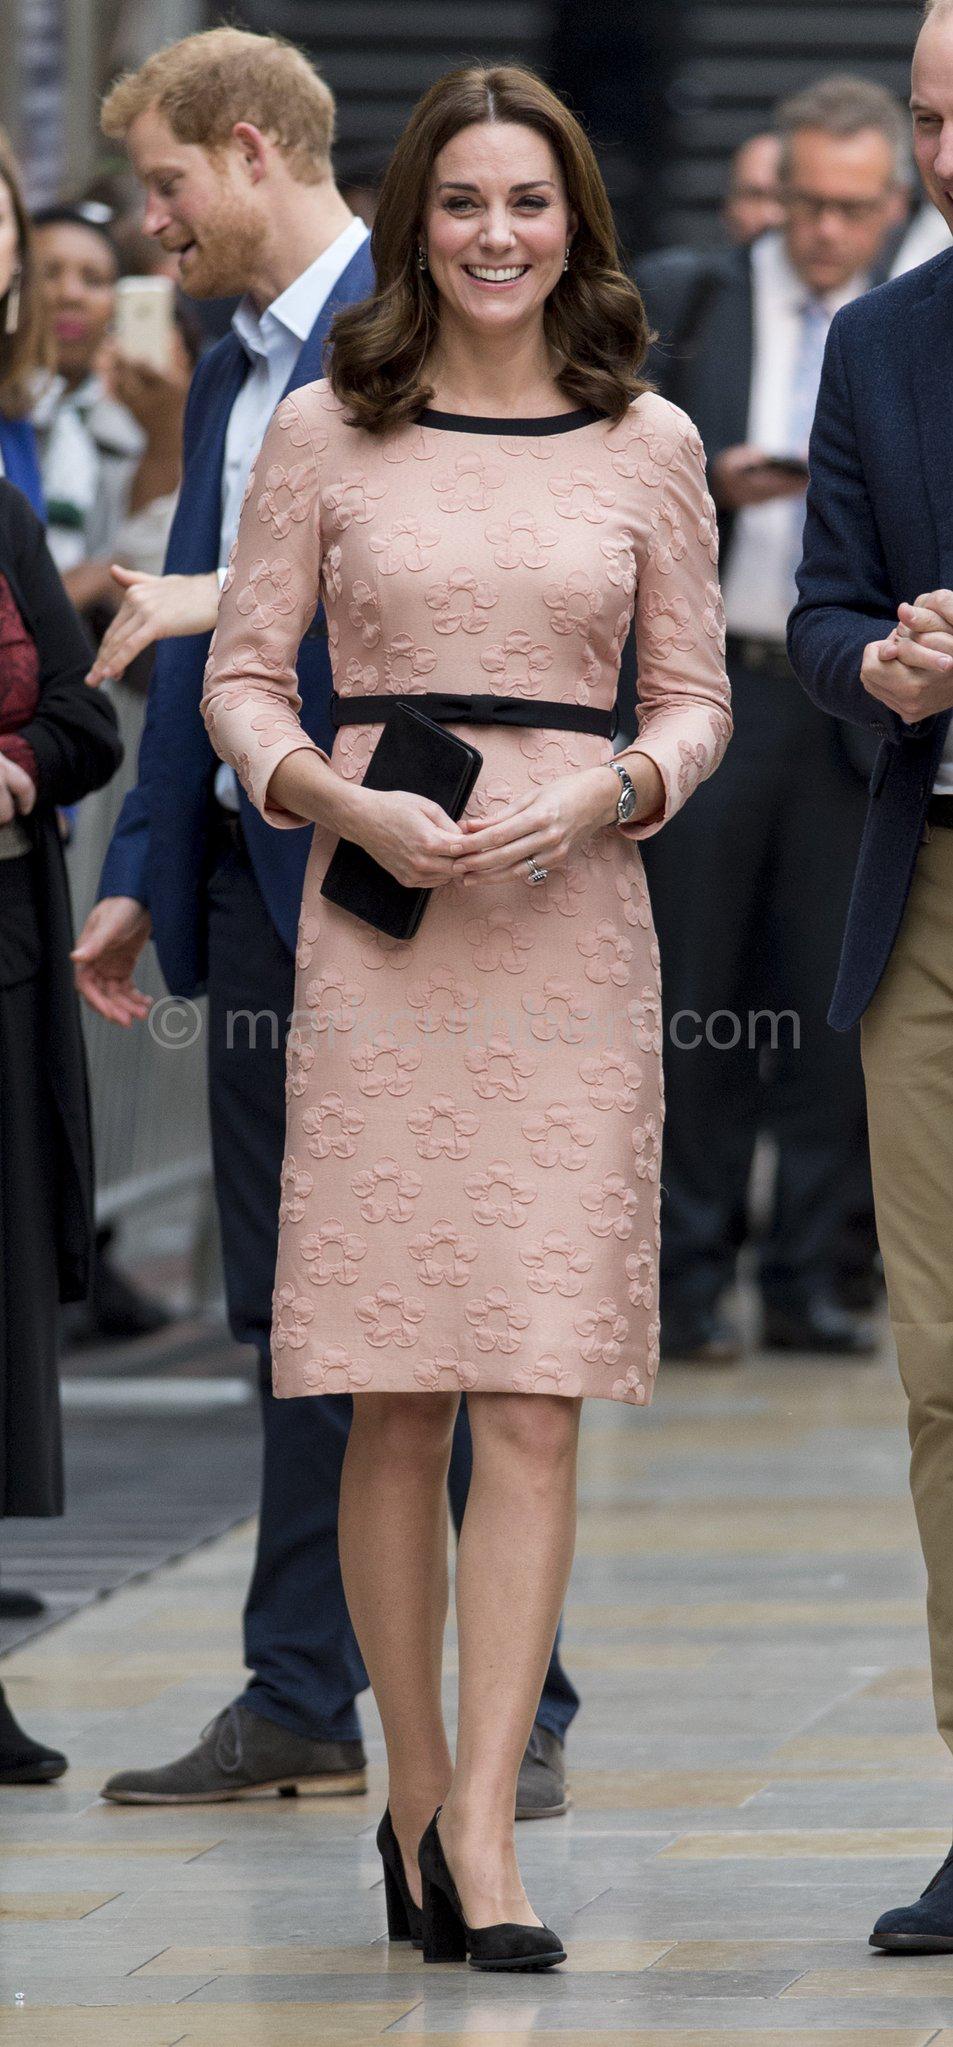 Pin de C C en royals | Pinterest | Vestiditos, Cambridge y Elegancia